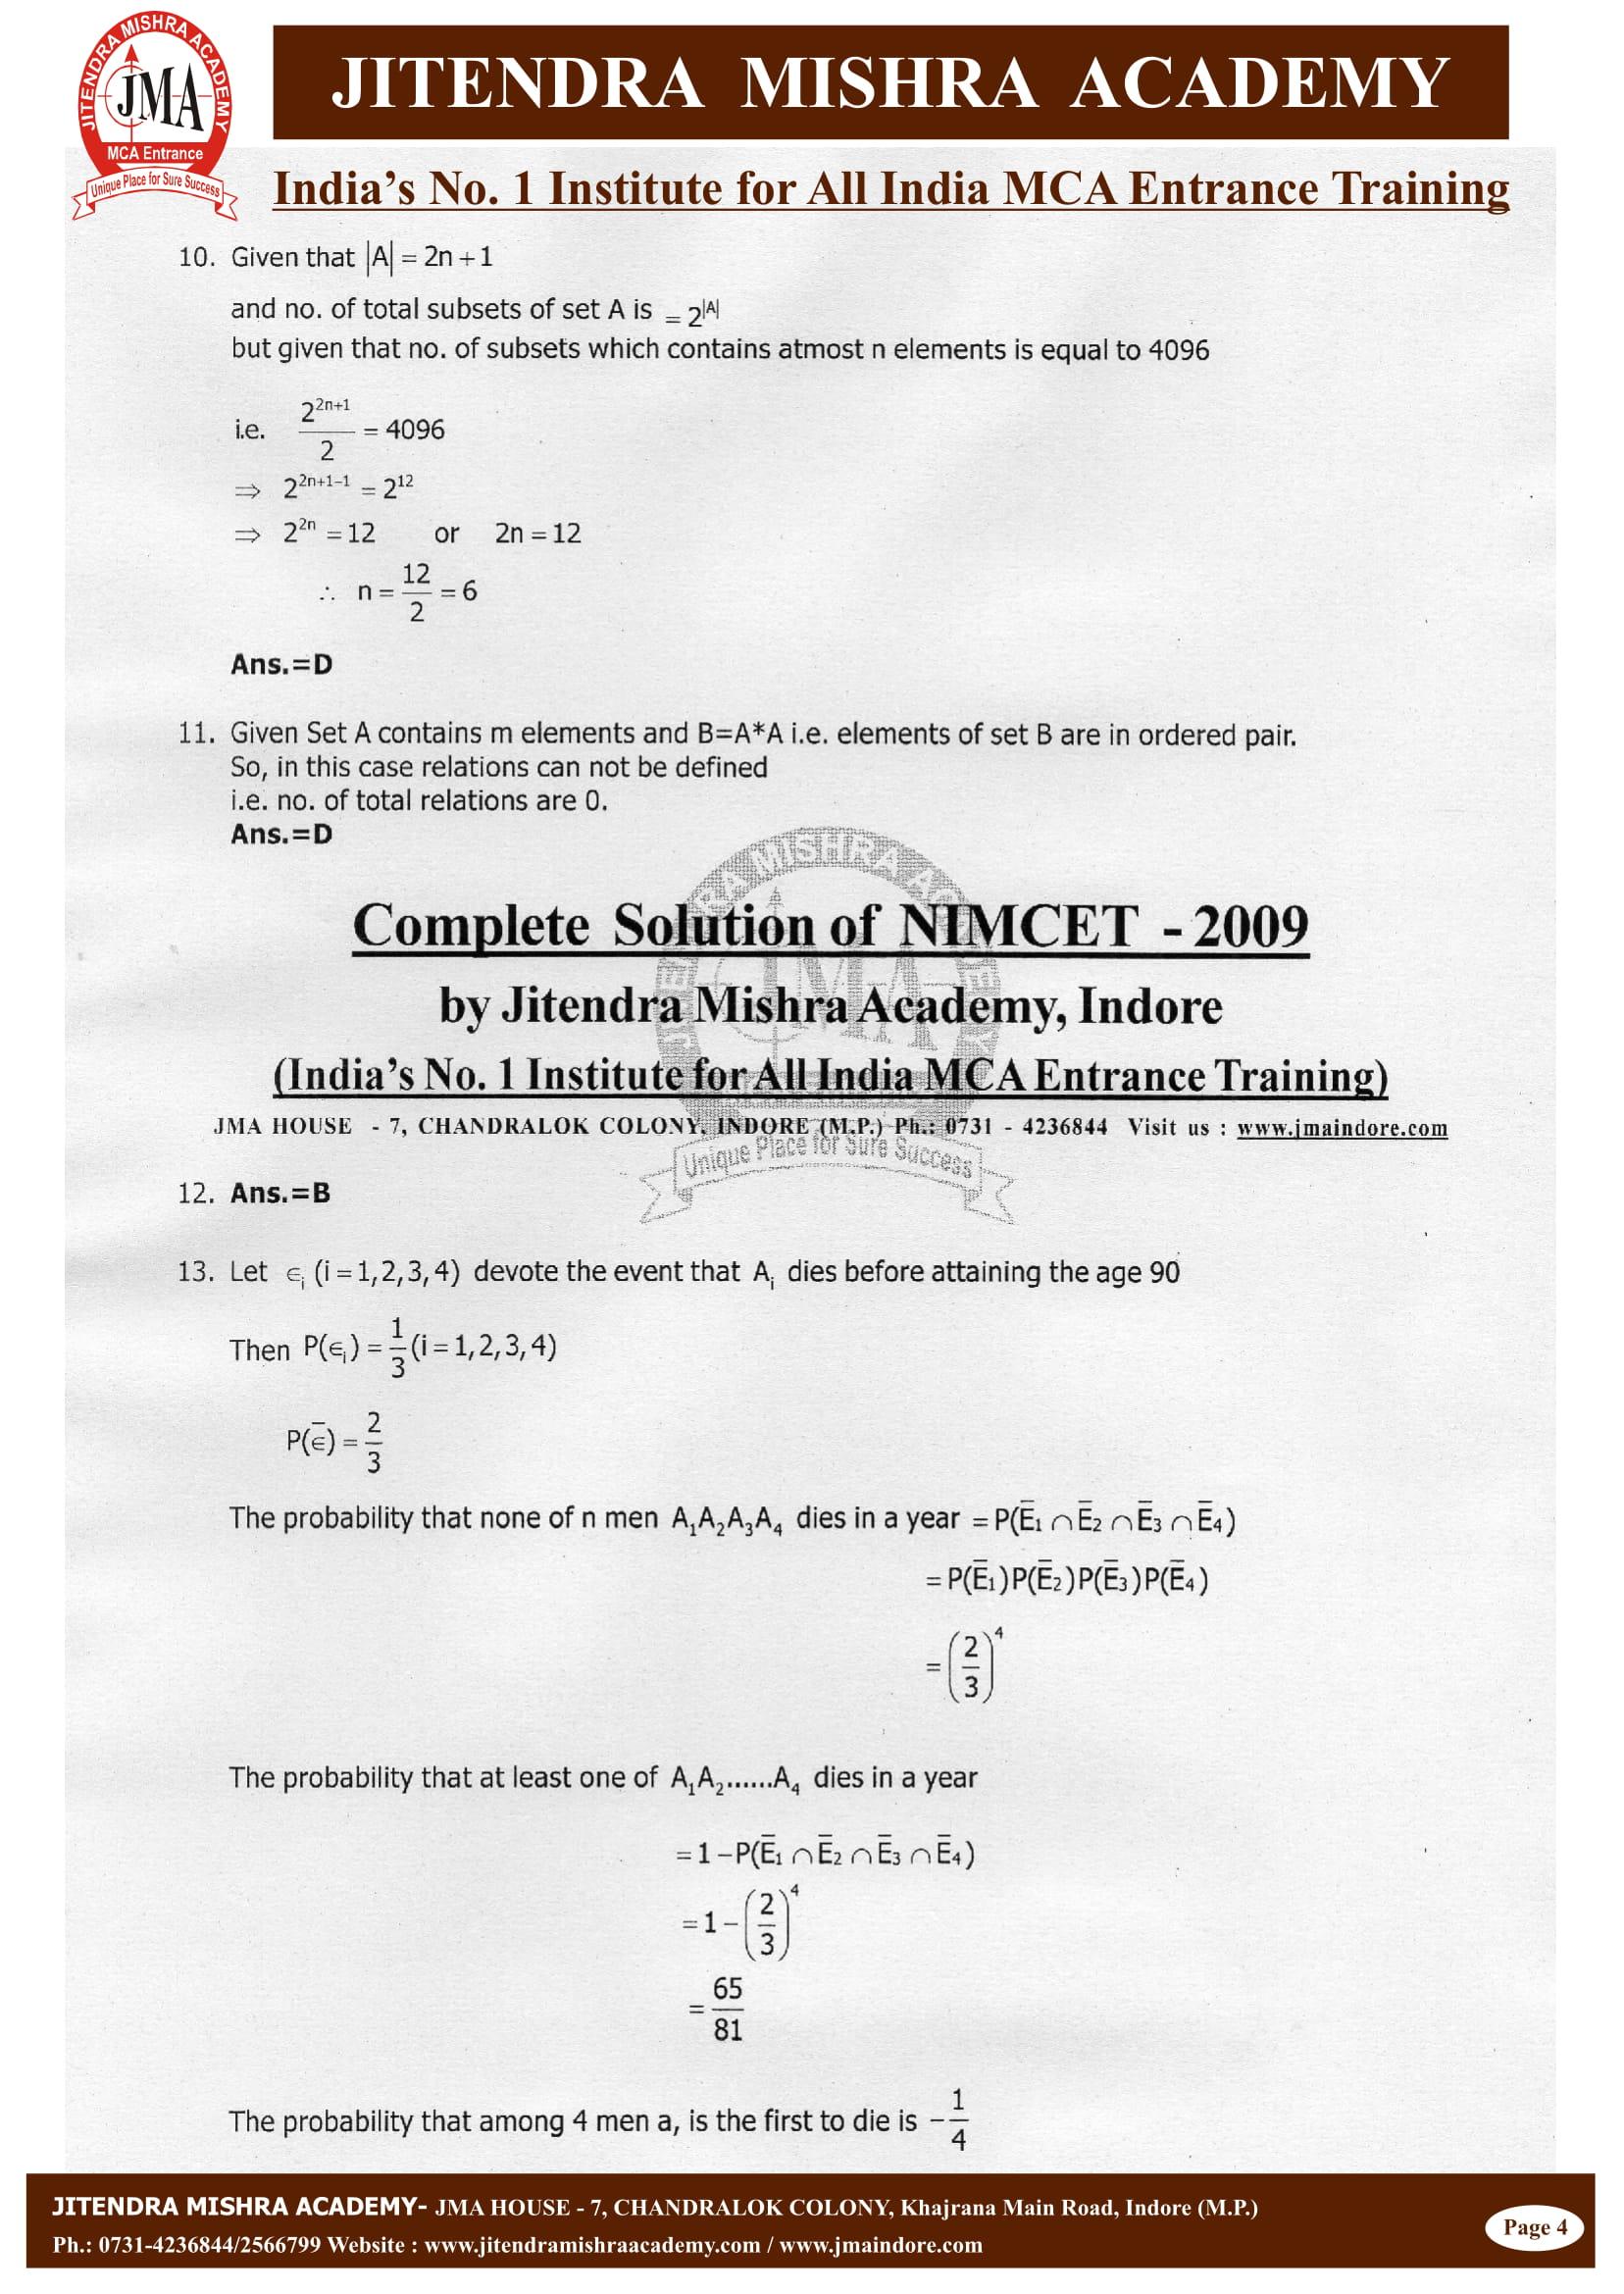 NIMCET - 2009 (SOLUTION)-05